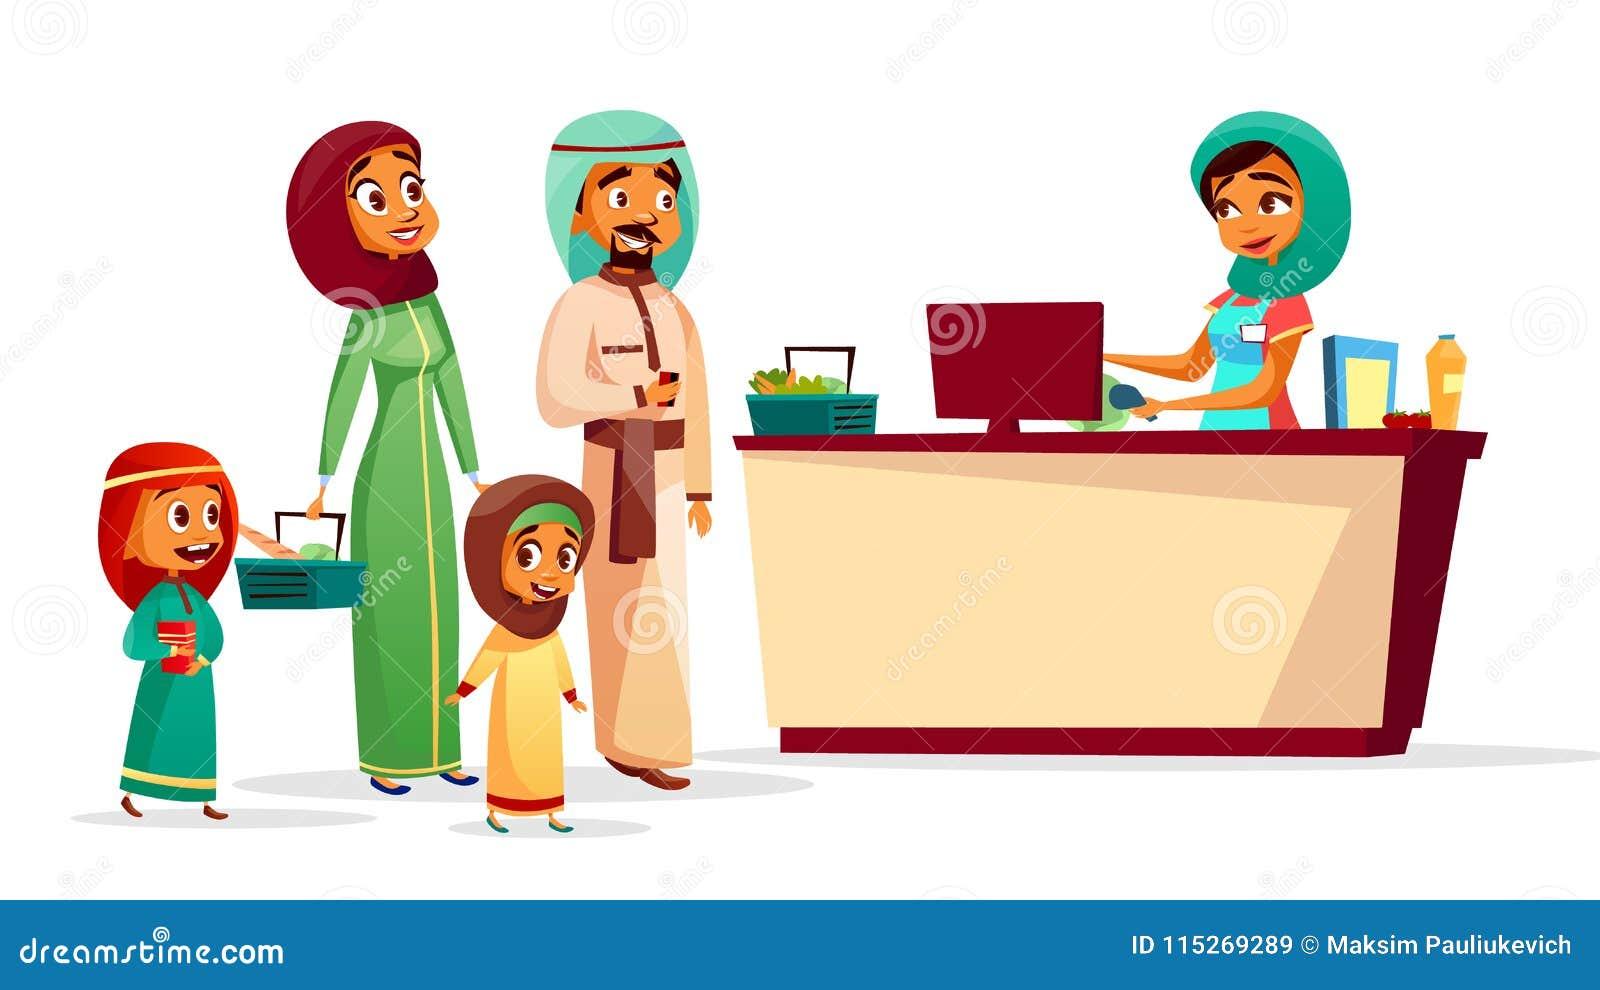 Мусульманская семья на иллюстрации шаржа вектора кассы супермаркета